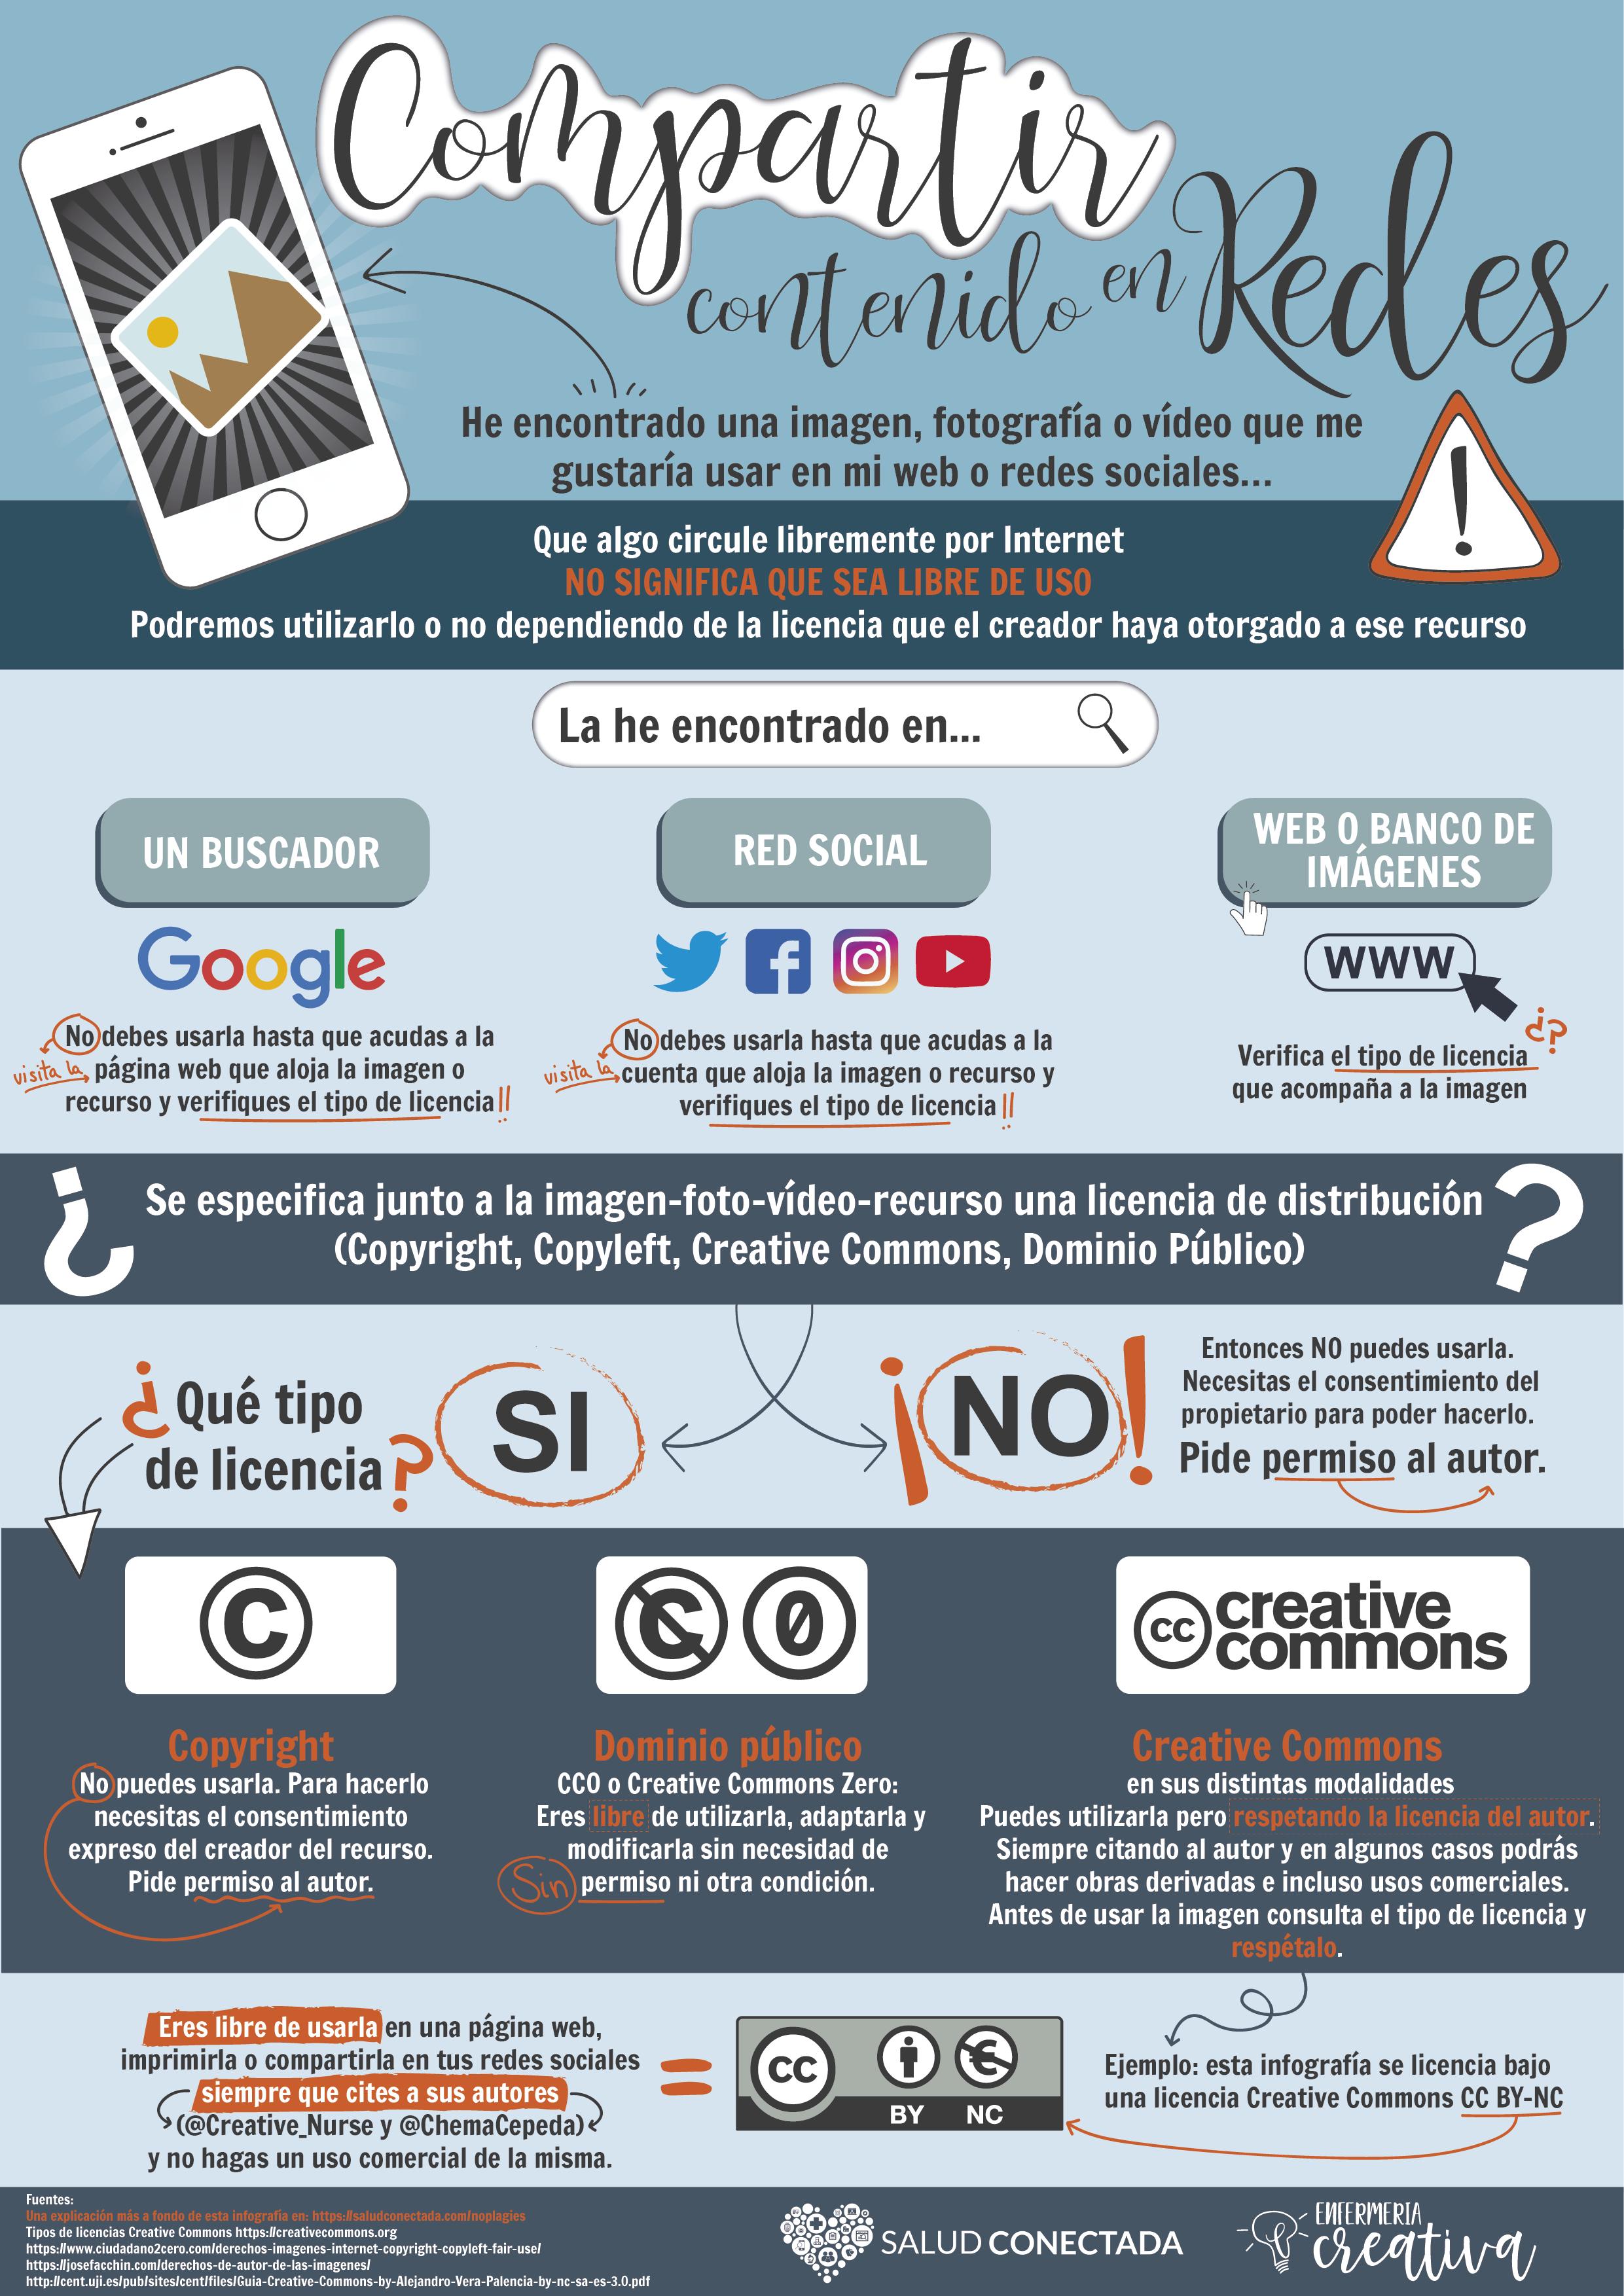 infografia sobre el uso de imagenes y licencias